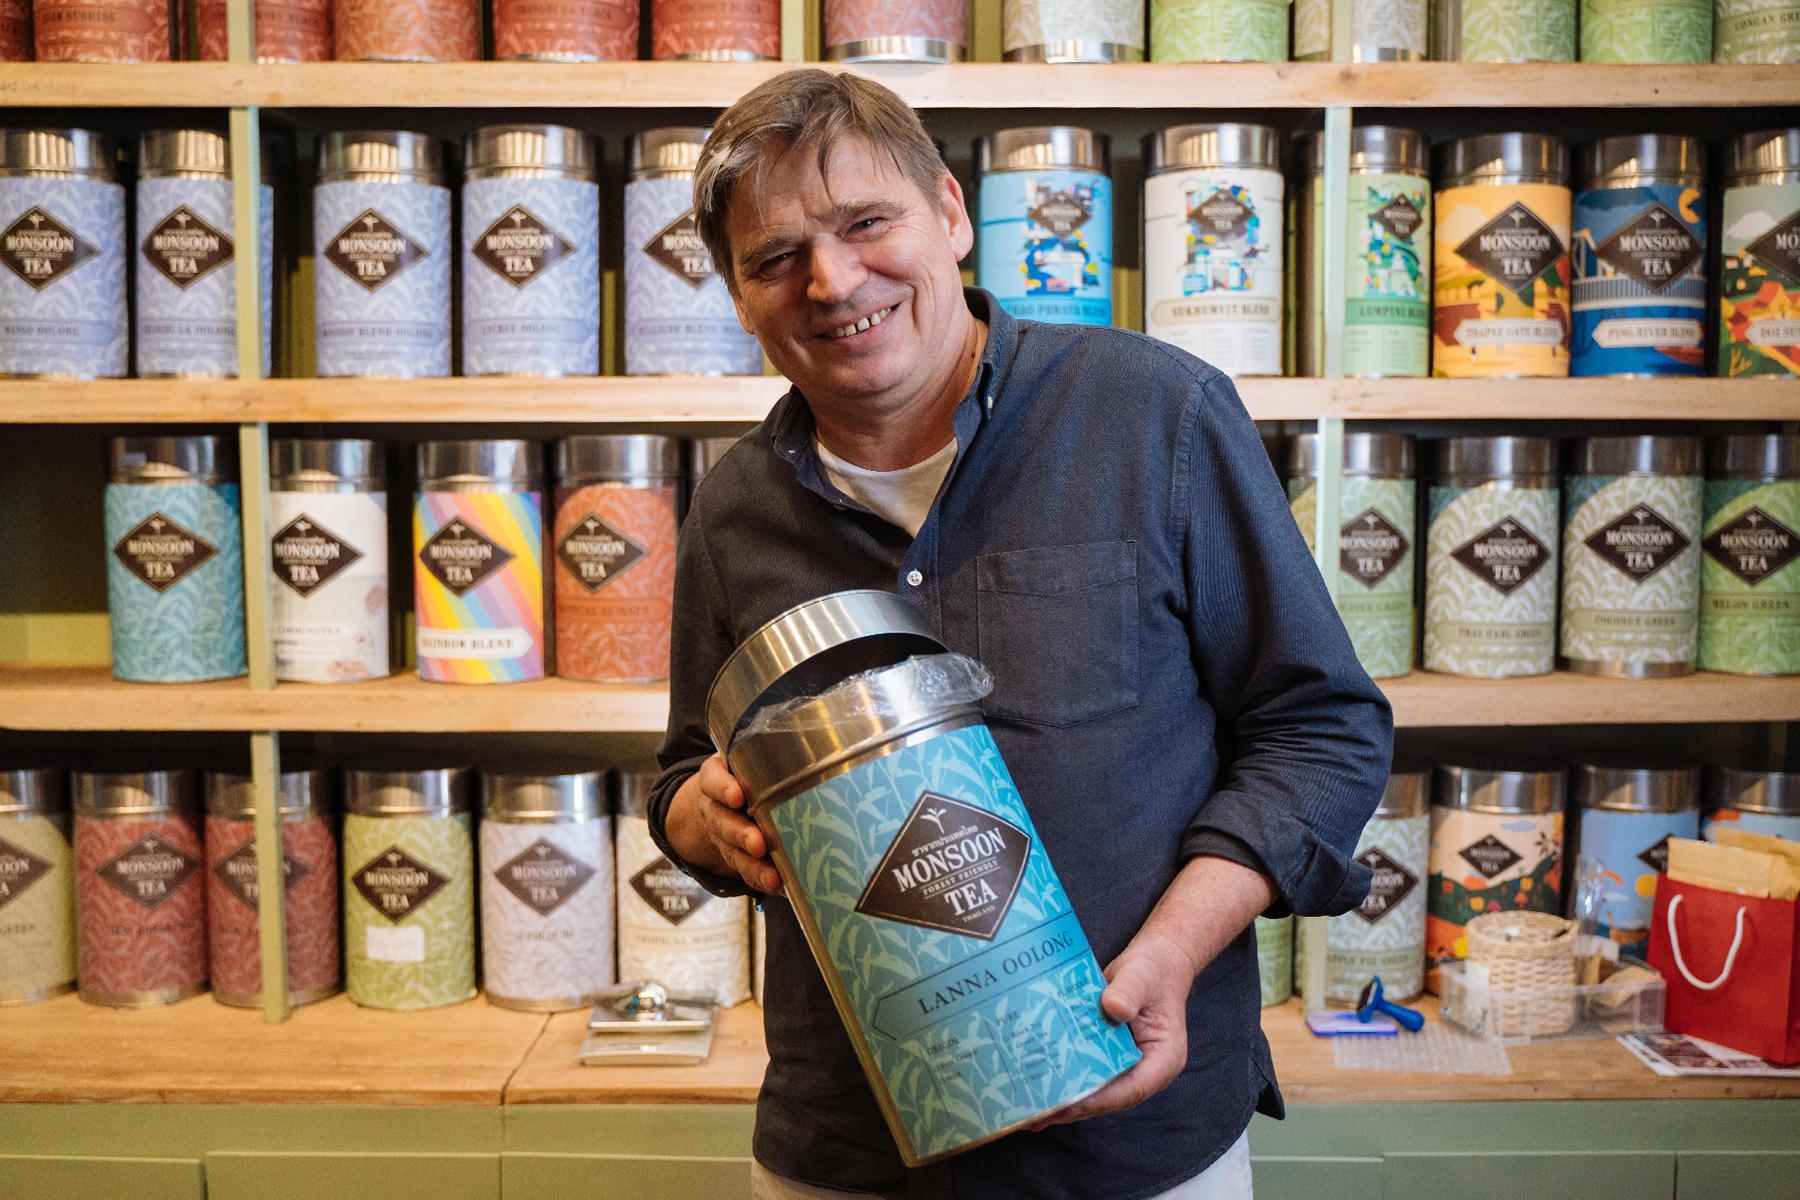 Monsoon Tea ชาไทยที่รักษาป่า สนับสนุนเกษตรกร แถมได้ไปเสิร์ฟในคาเฟ่ Prada